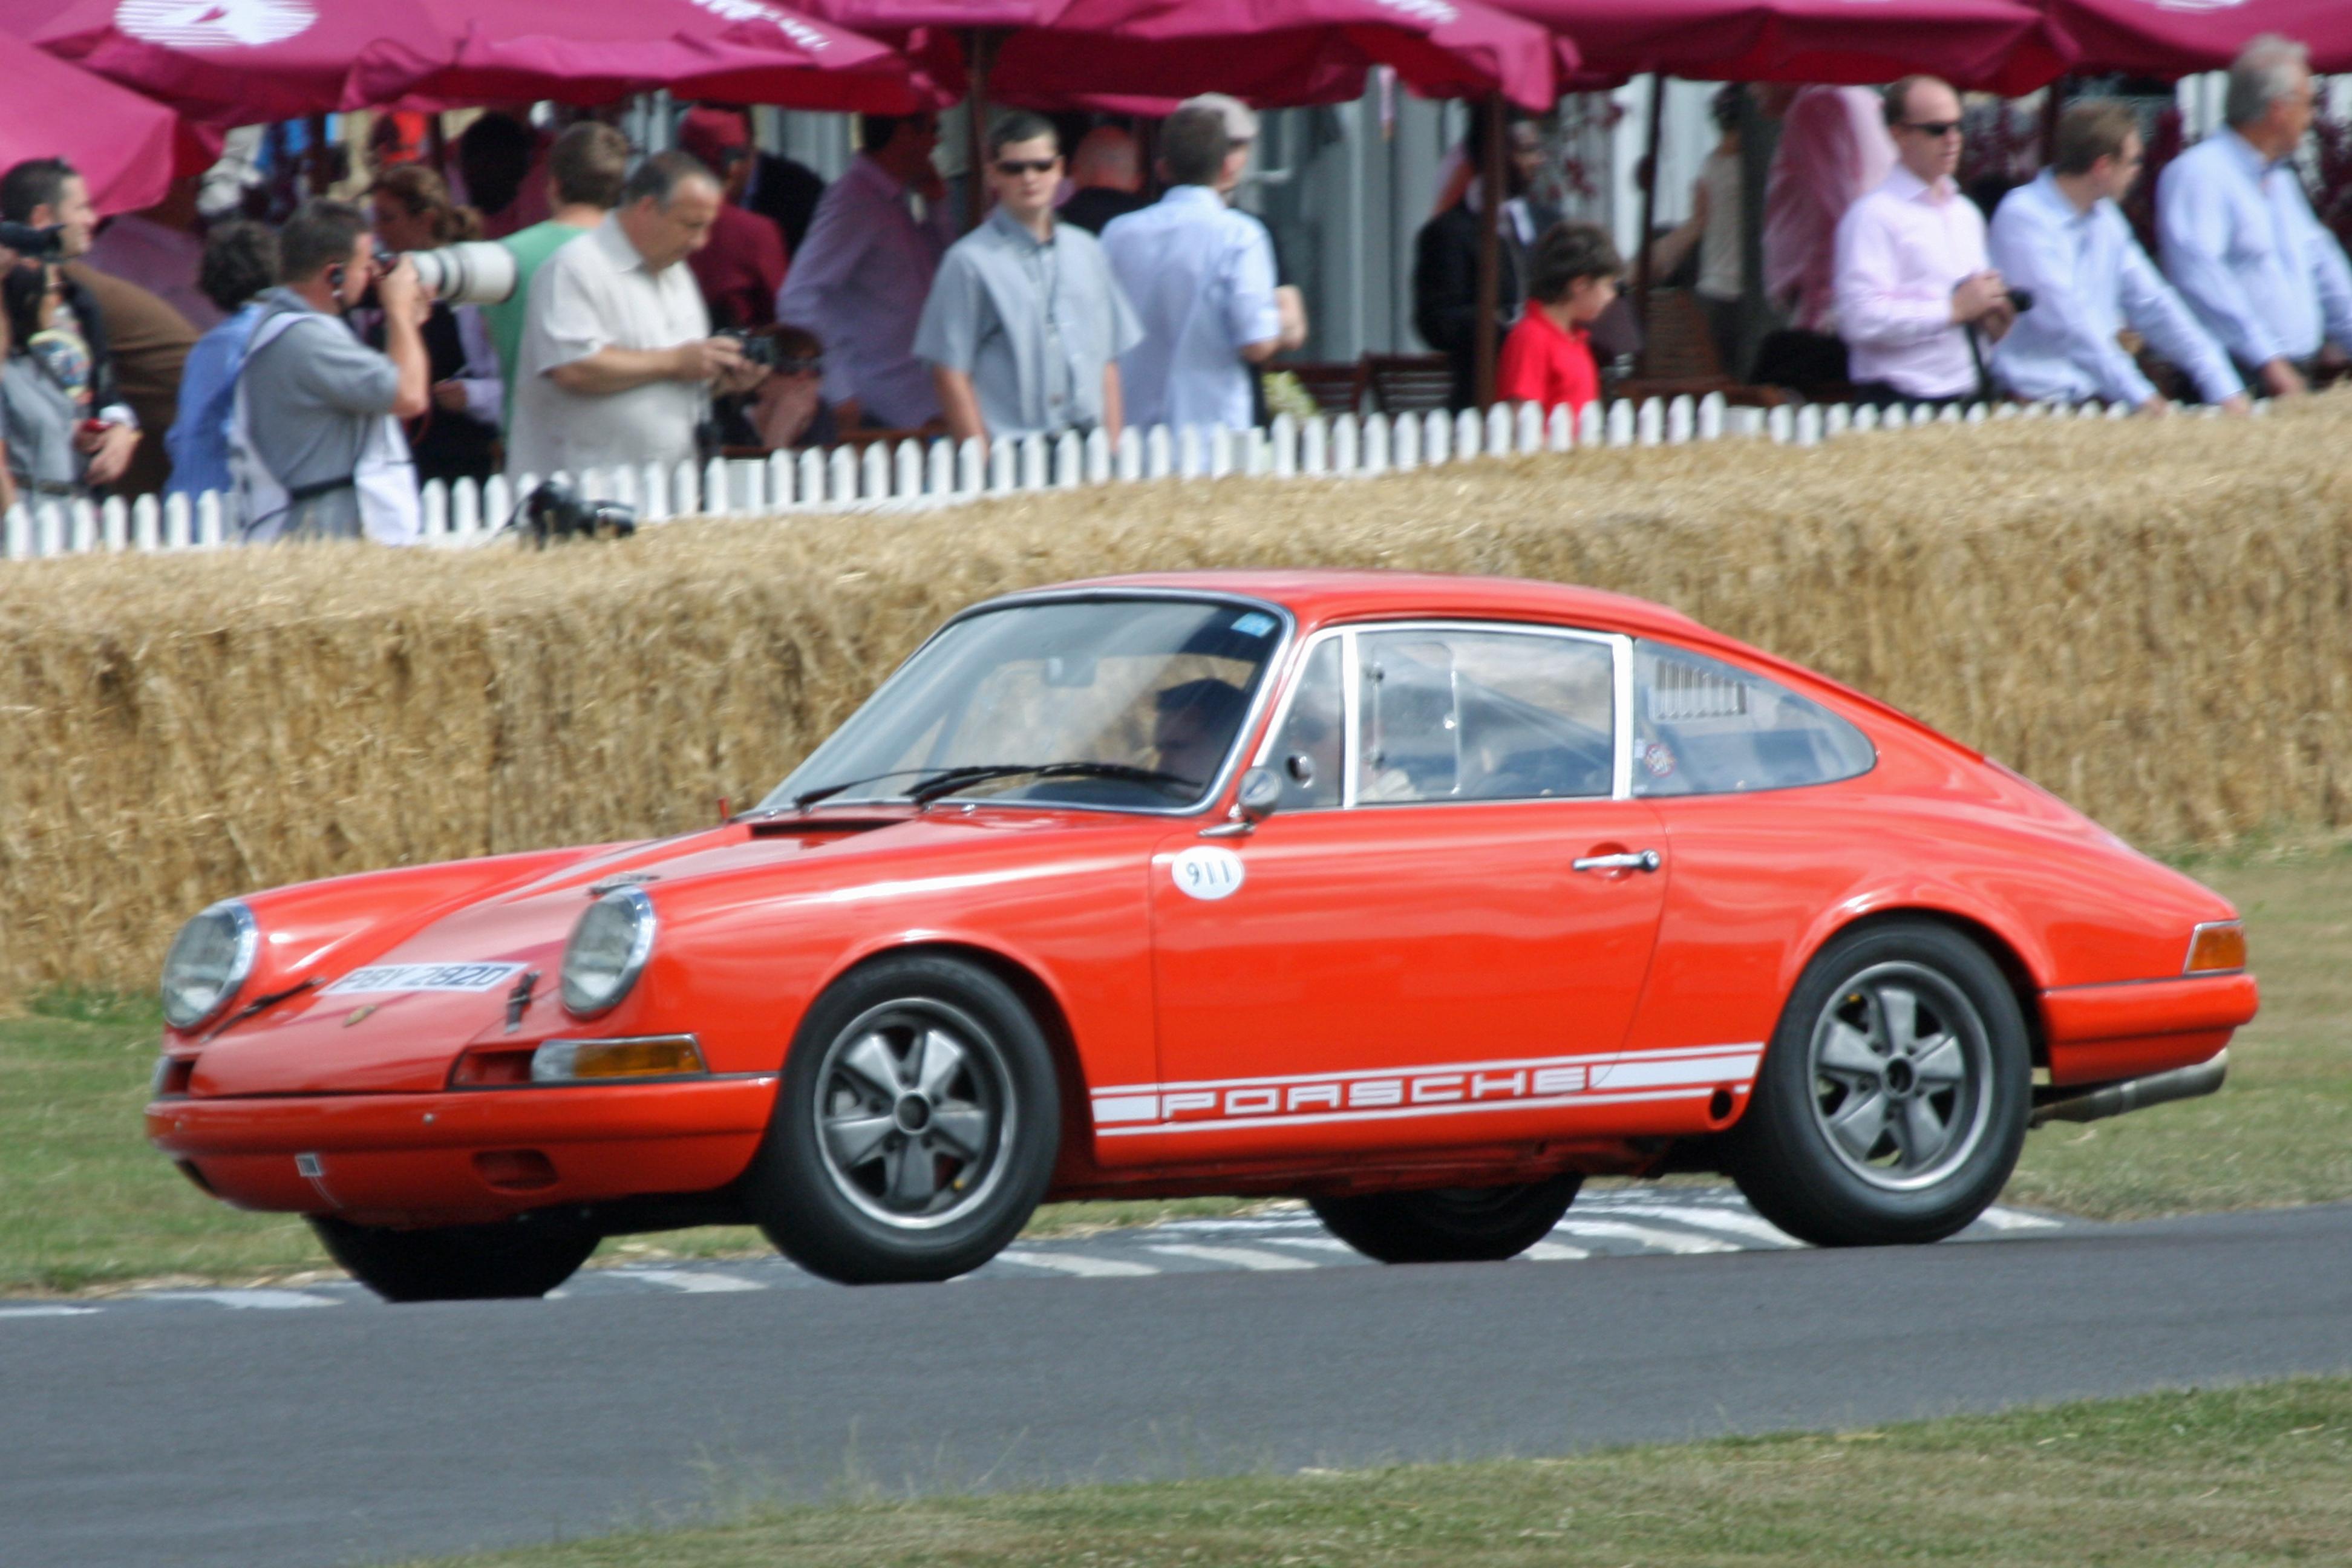 1967 Porsche 911R - Flickr - exfordy.jpg